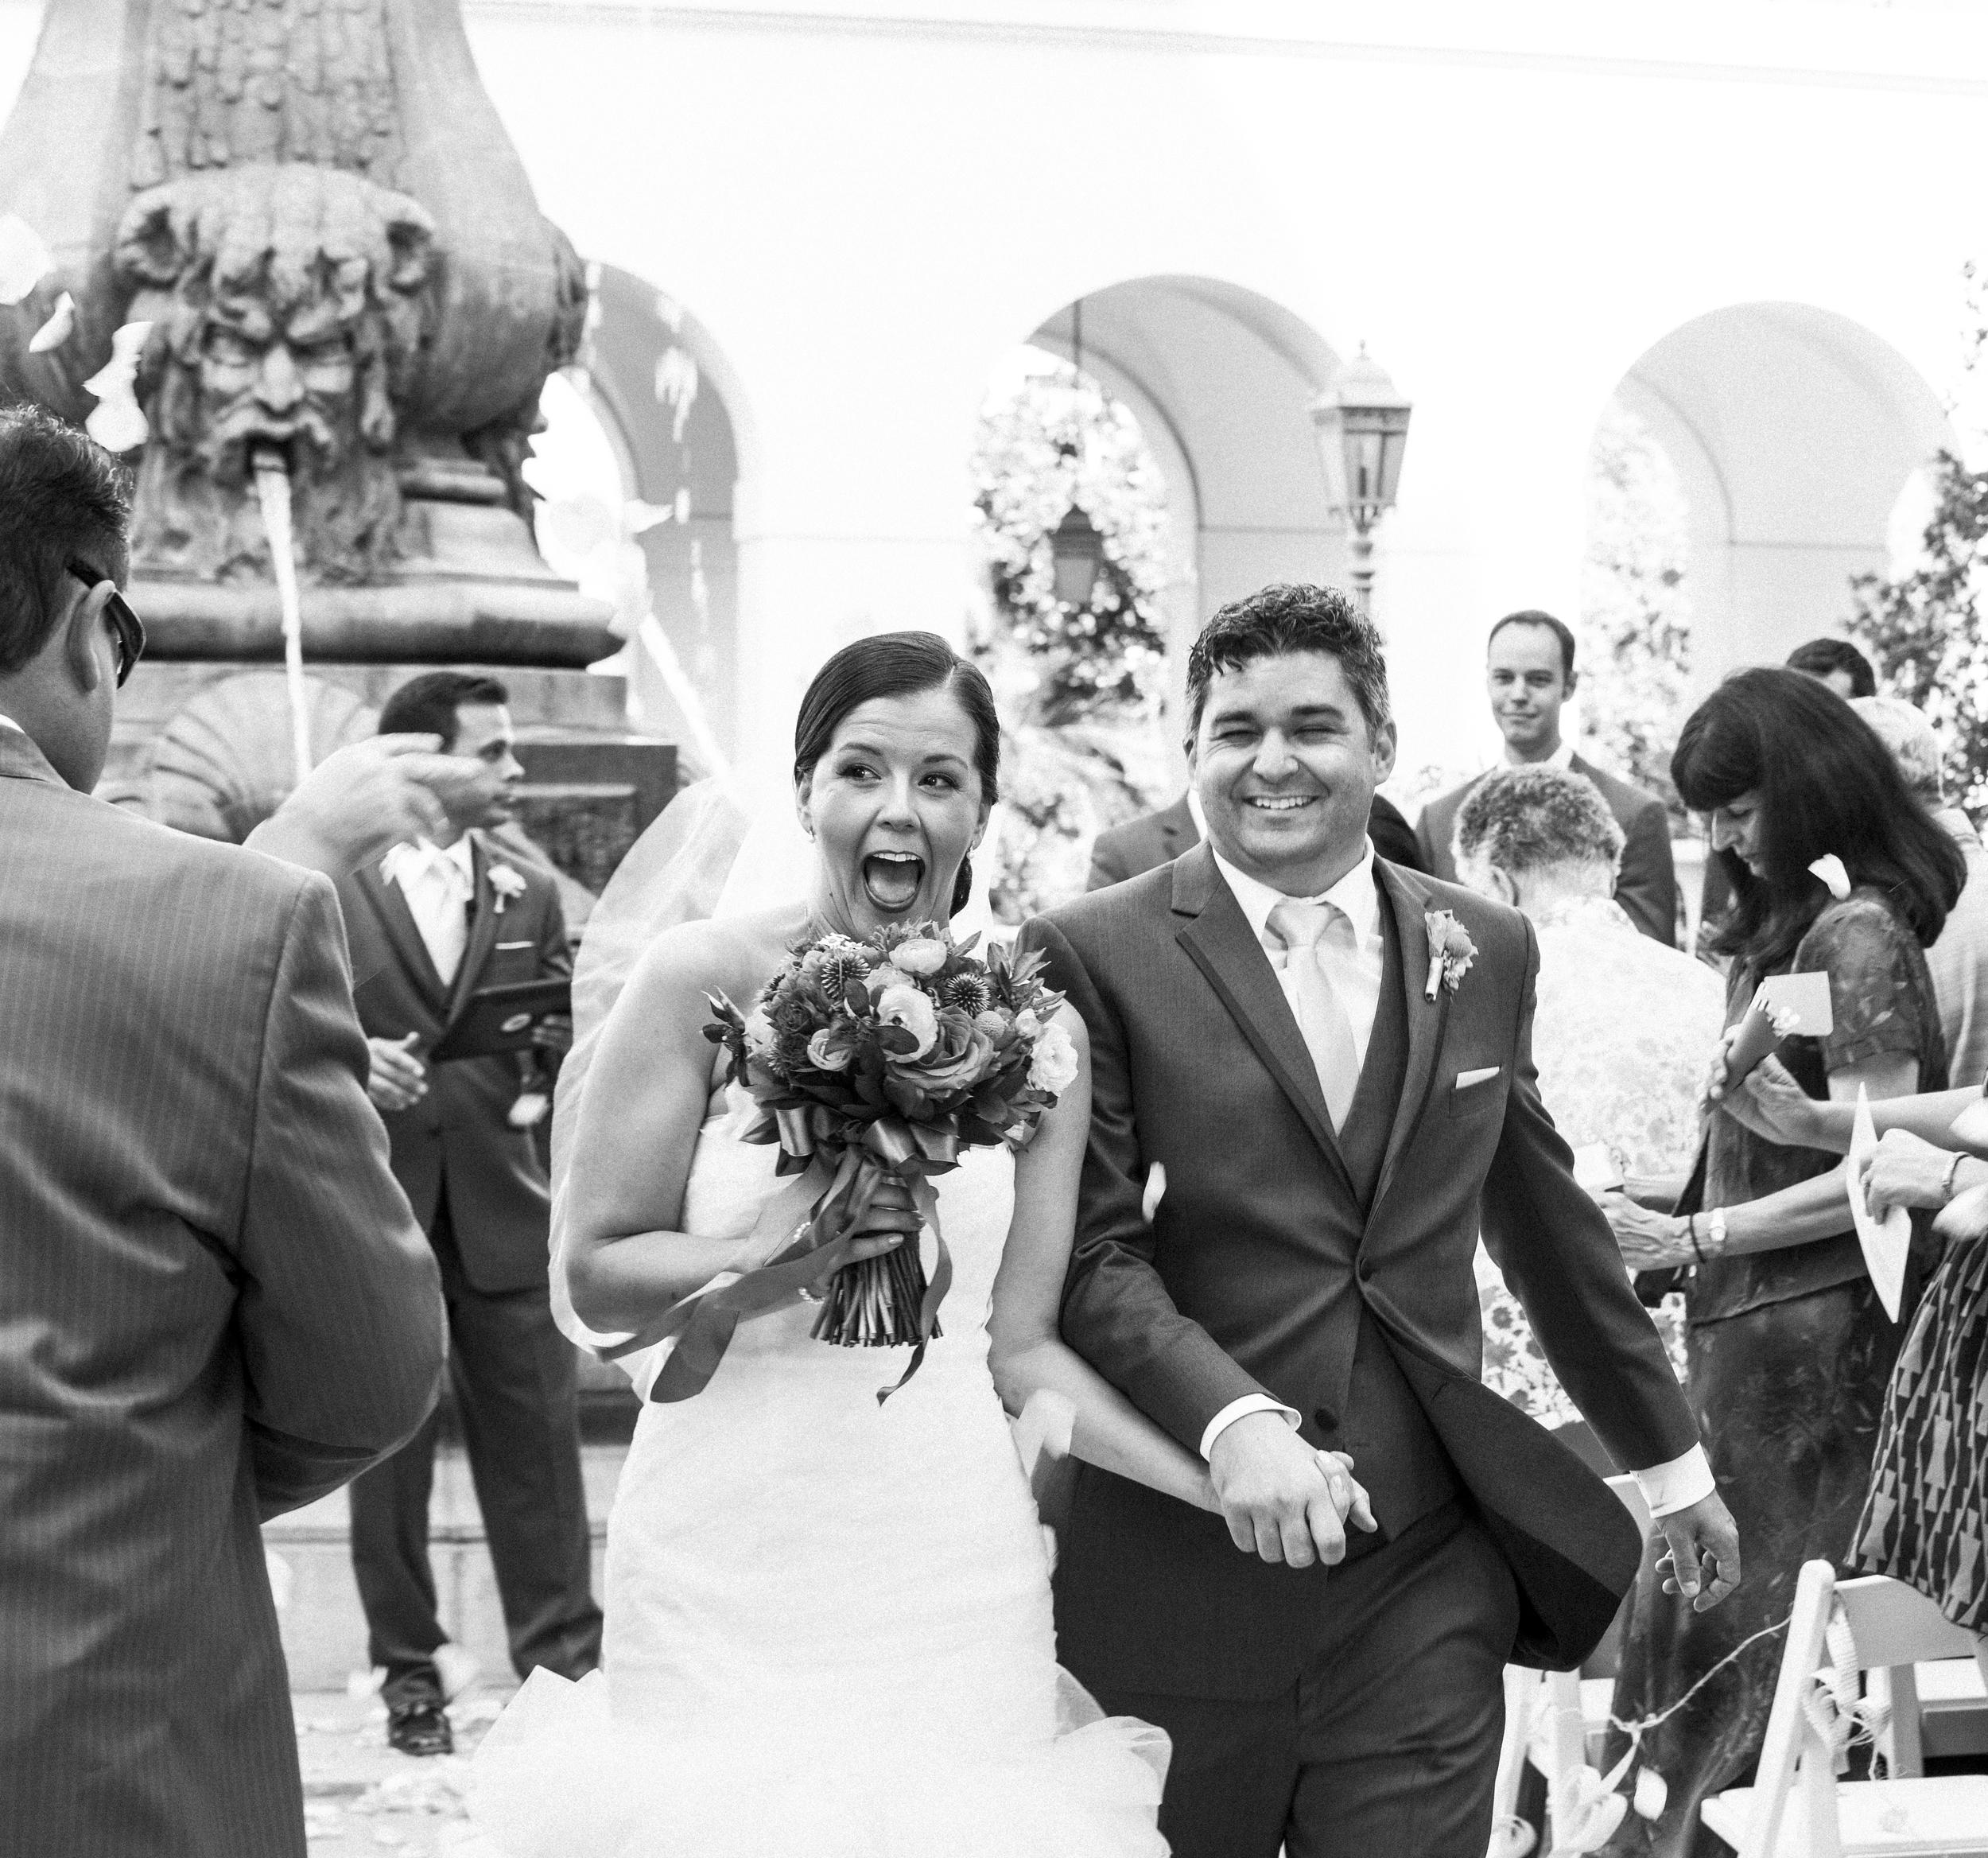 deanna_nich_wedding-9.jpg